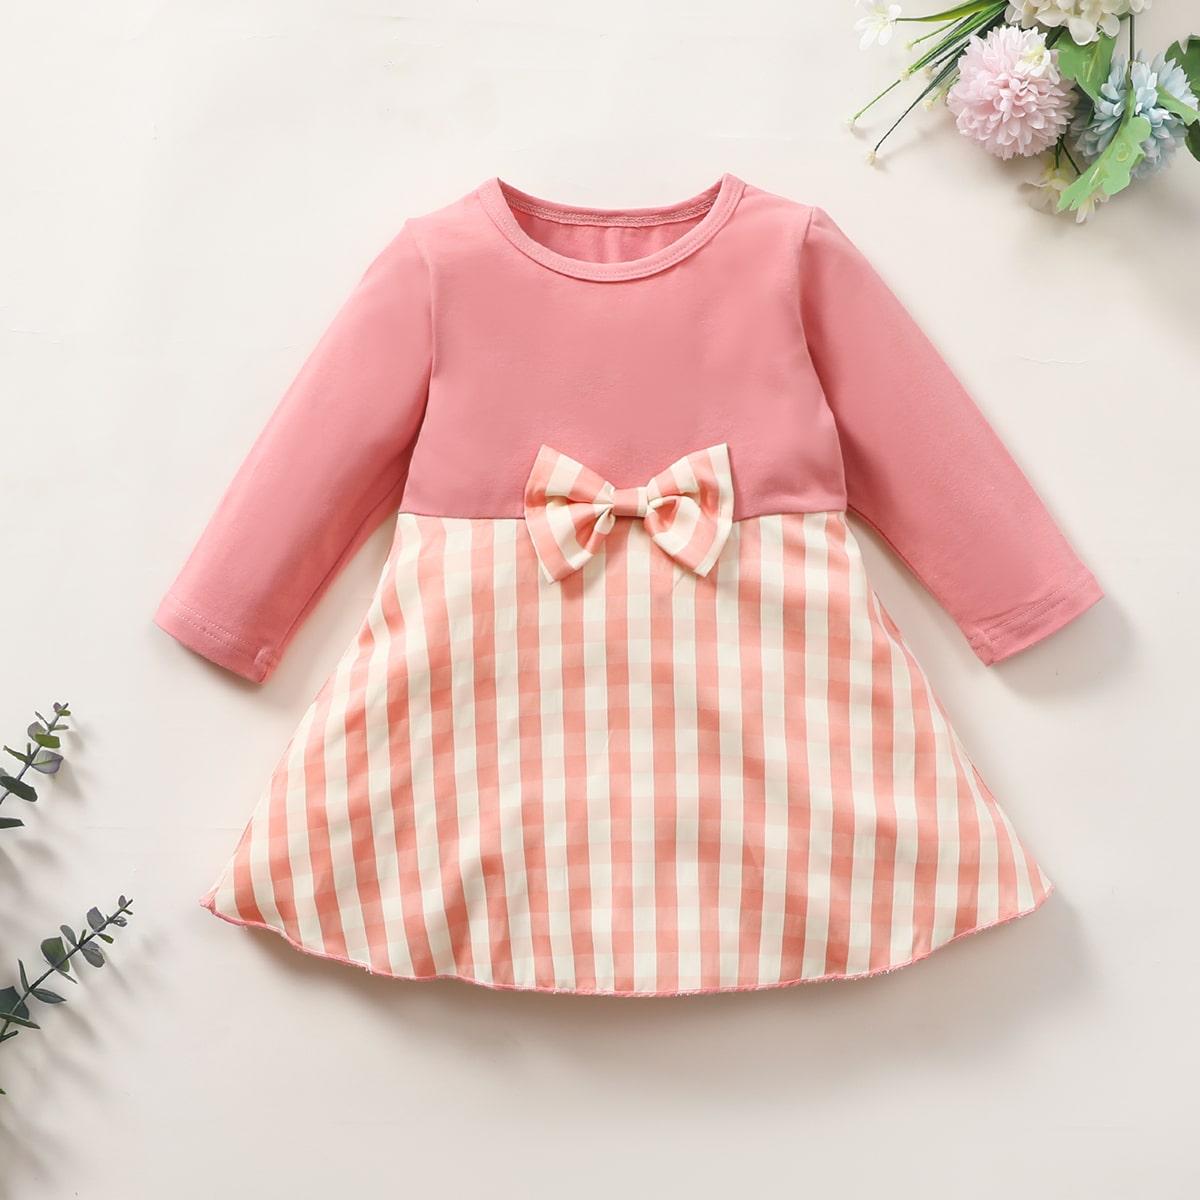 С бантм перед клетка милый платья для малышей